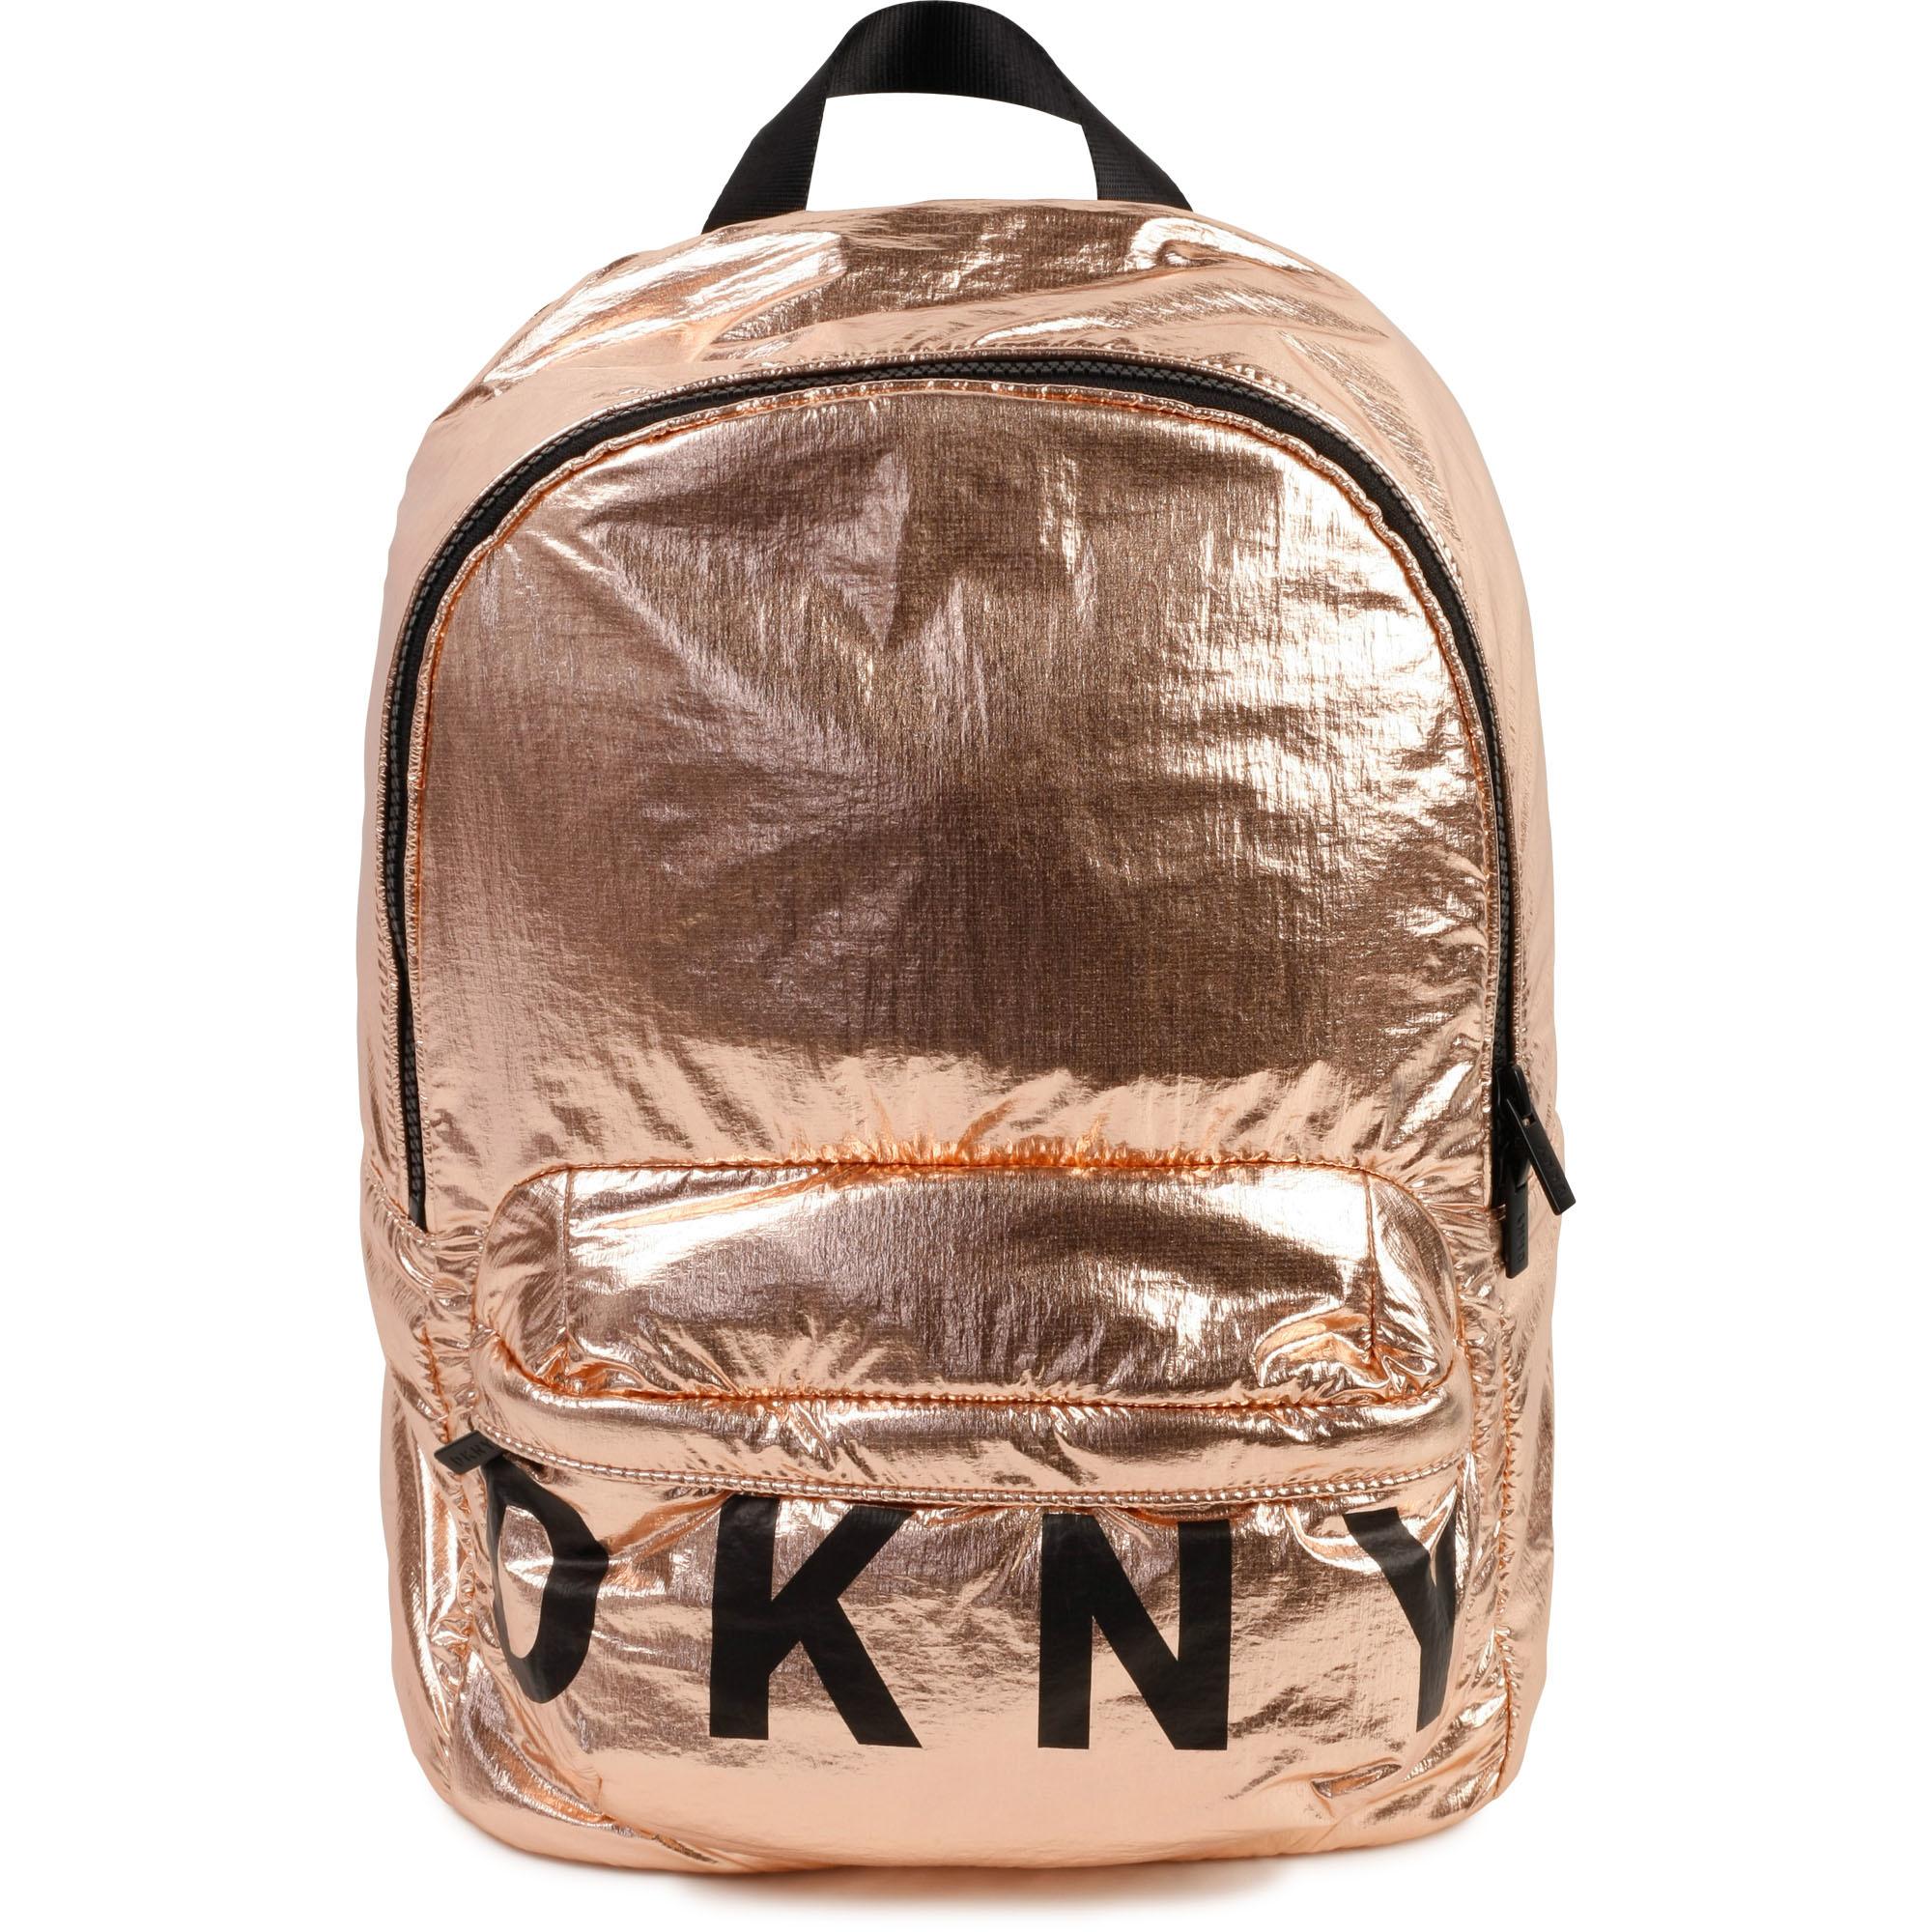 DKNY sac à dos métallisé-1